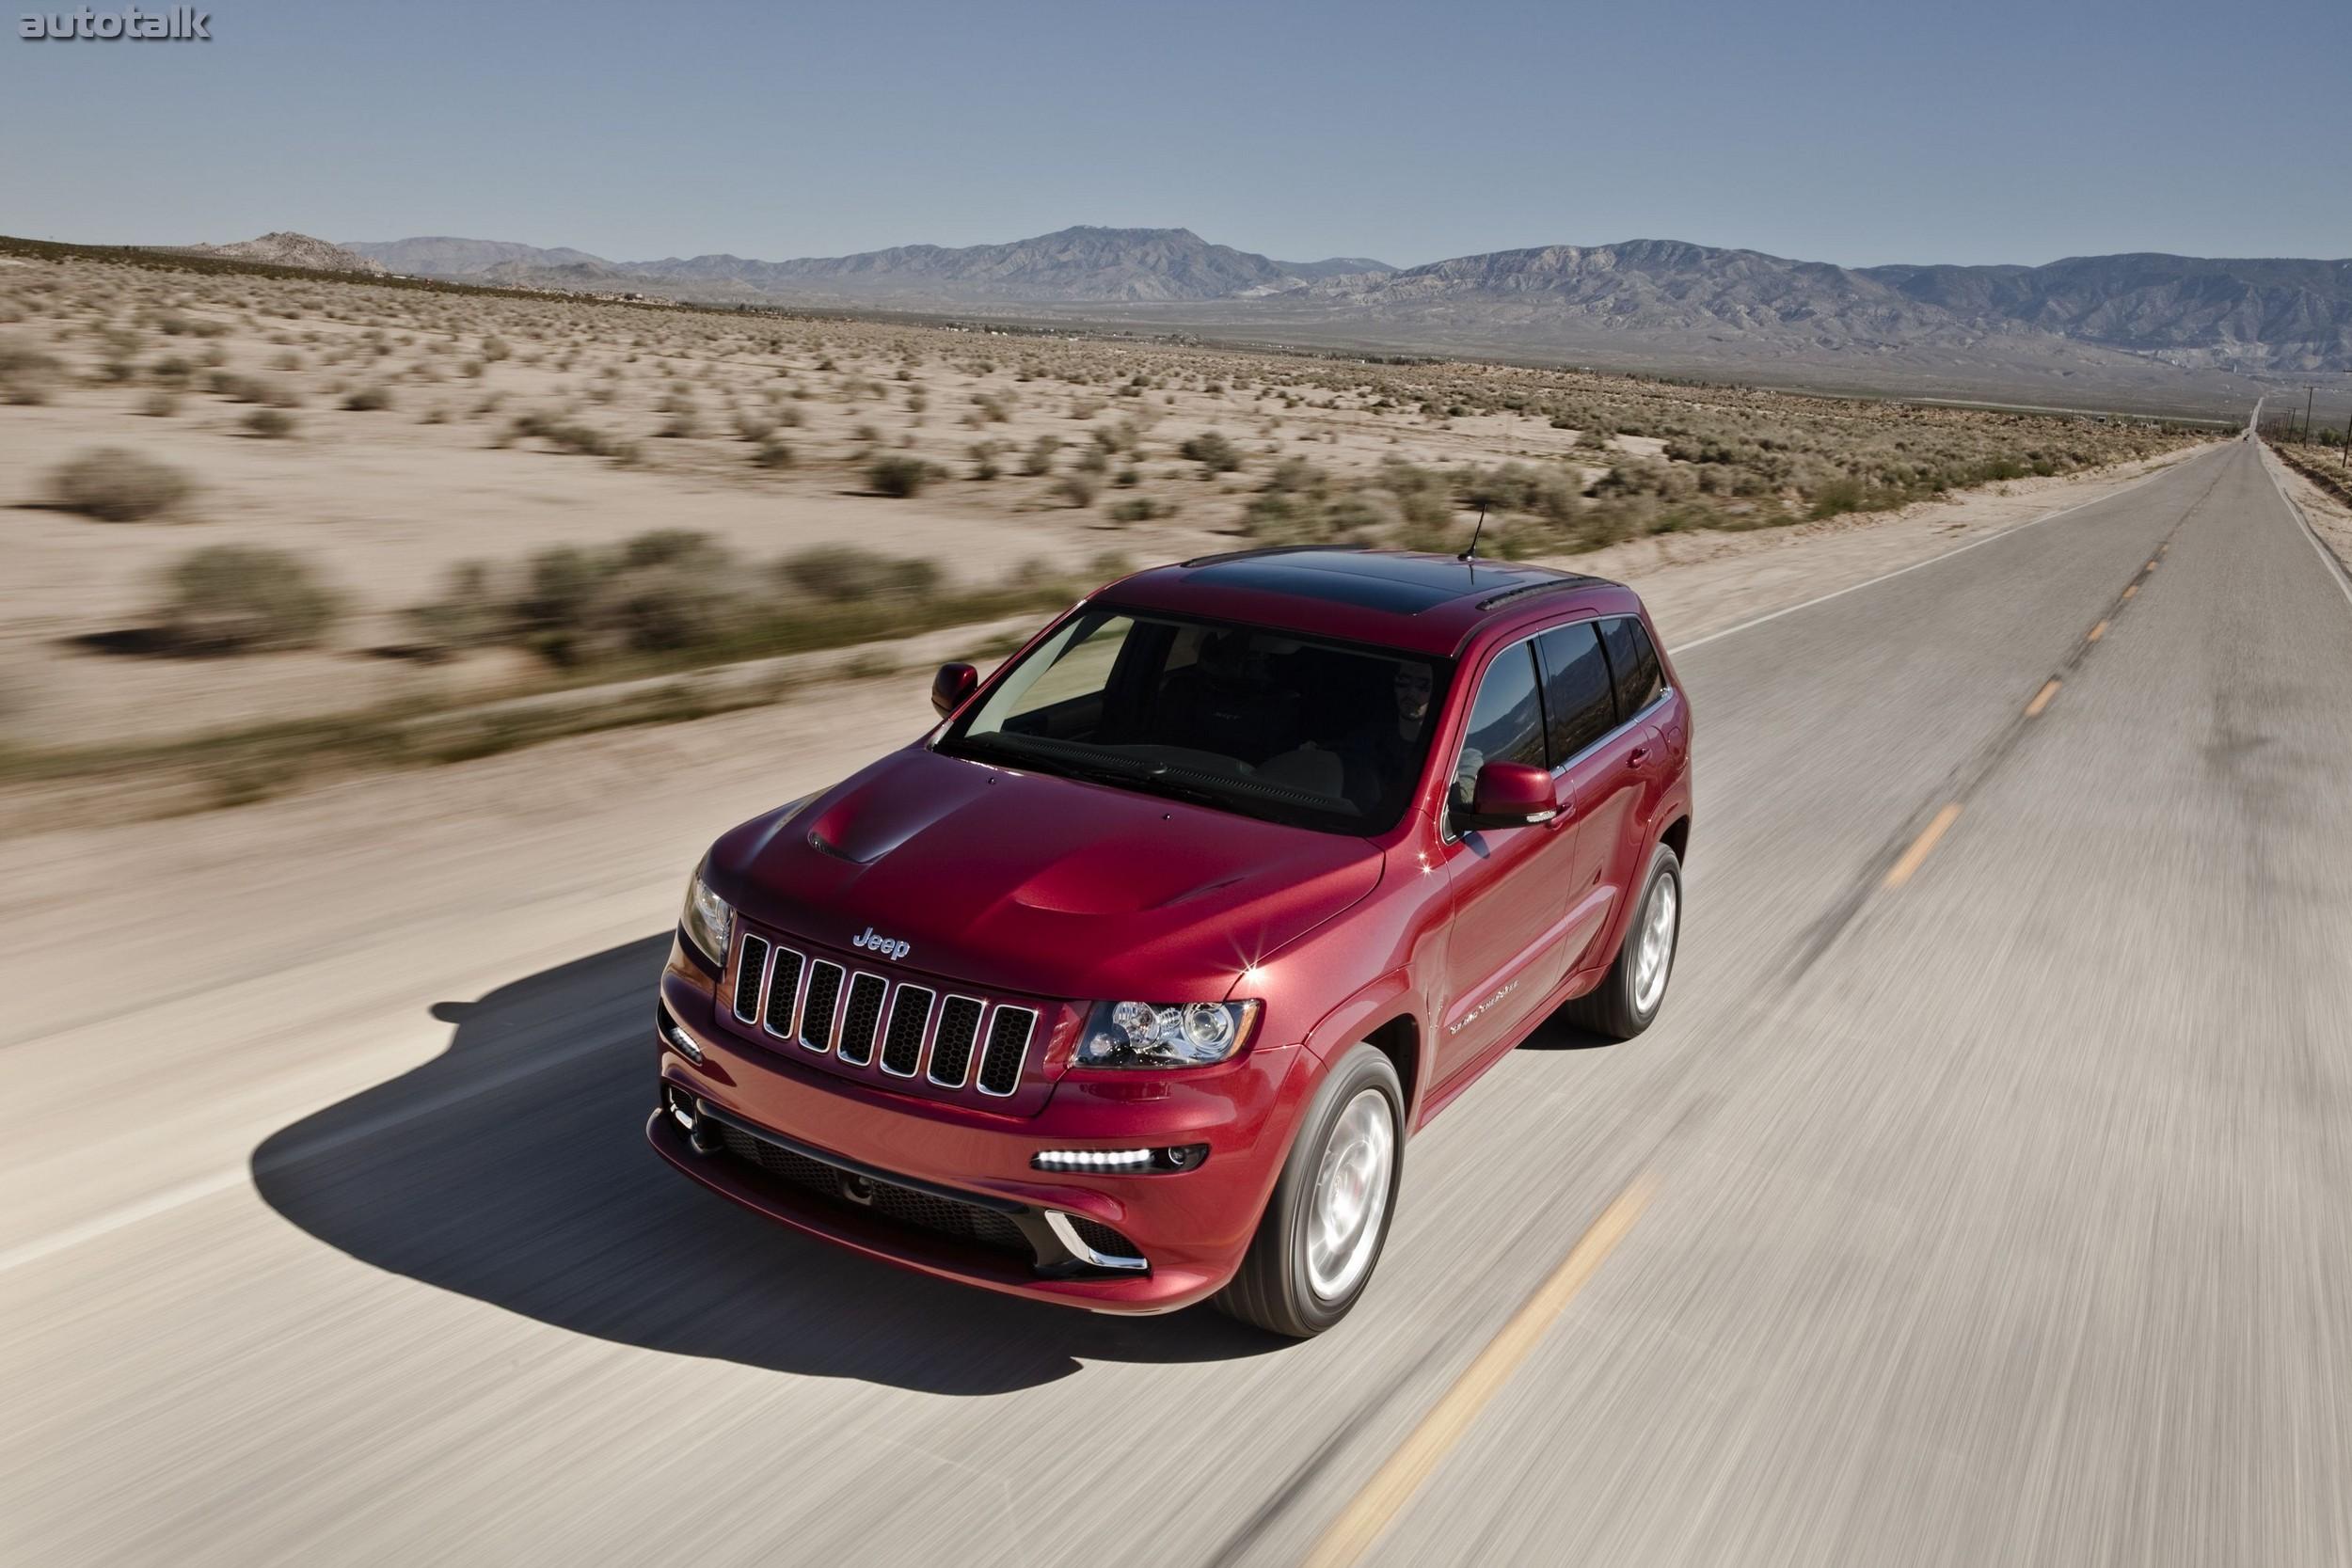 красный автомобиль джип ford sport trac red car jeep  № 3085966 бесплатно